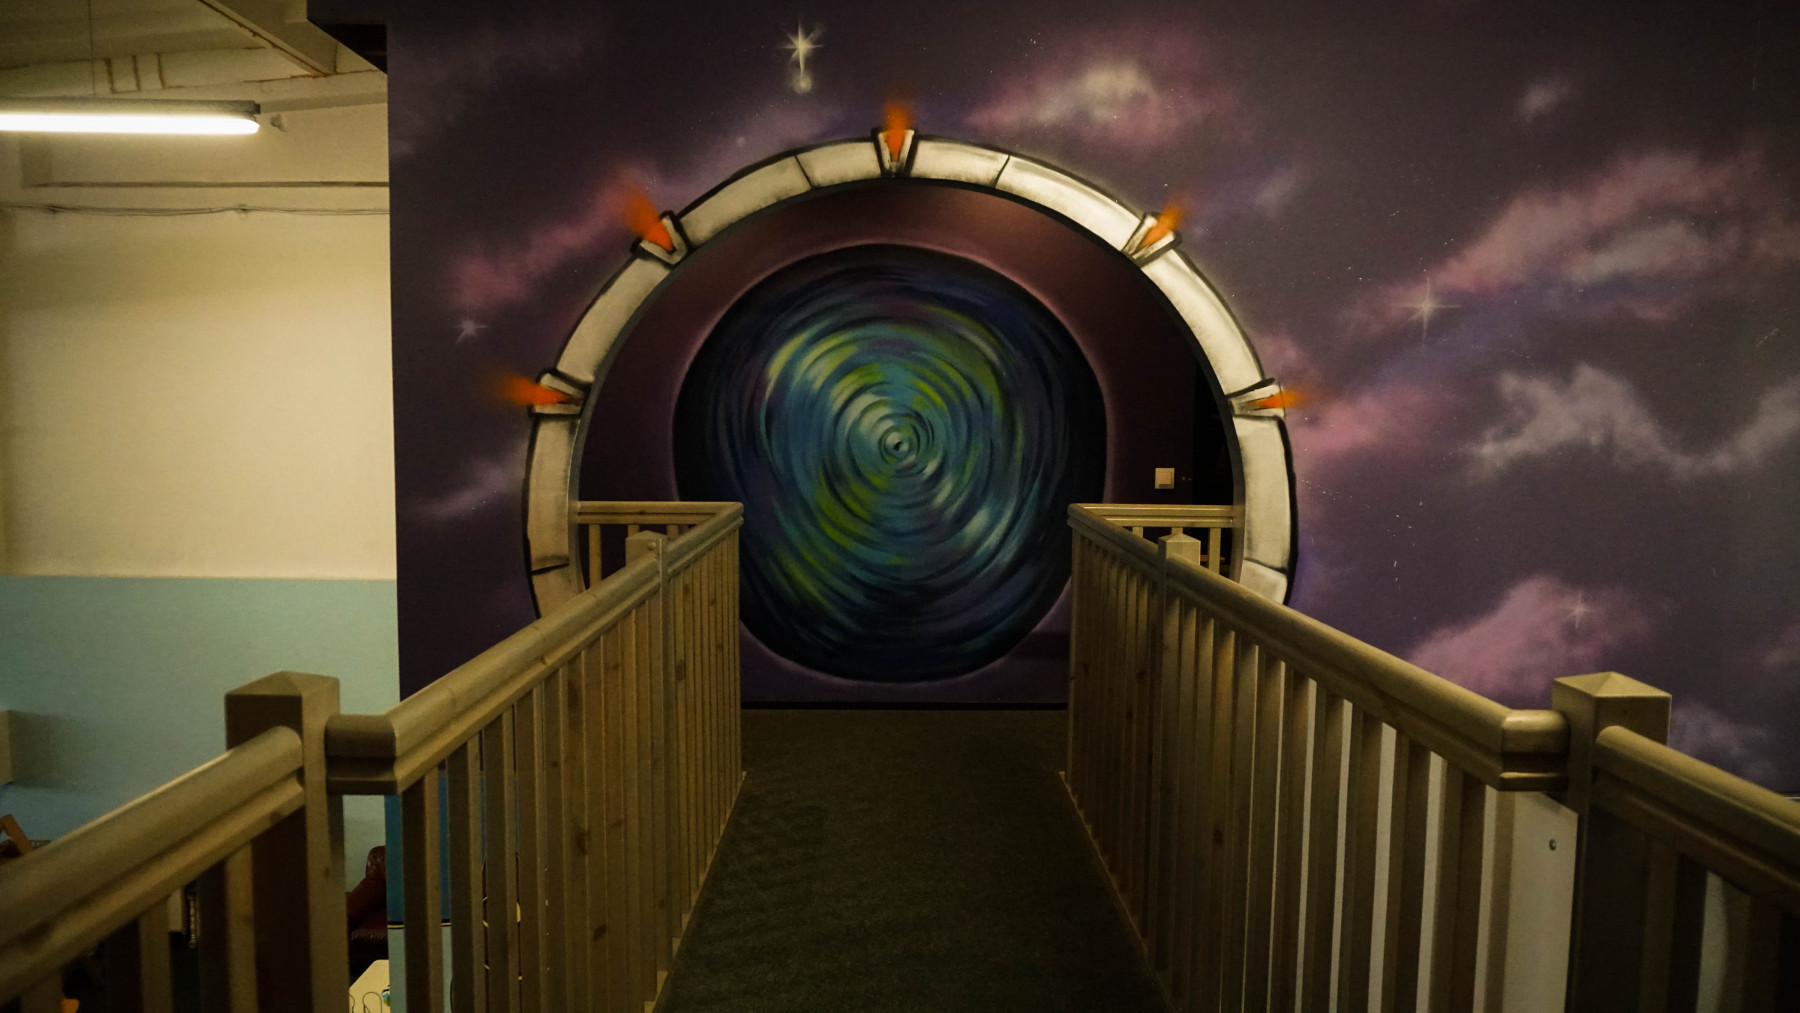 Kosmose tuba / 20 käepaela / Asub teisel korrusel